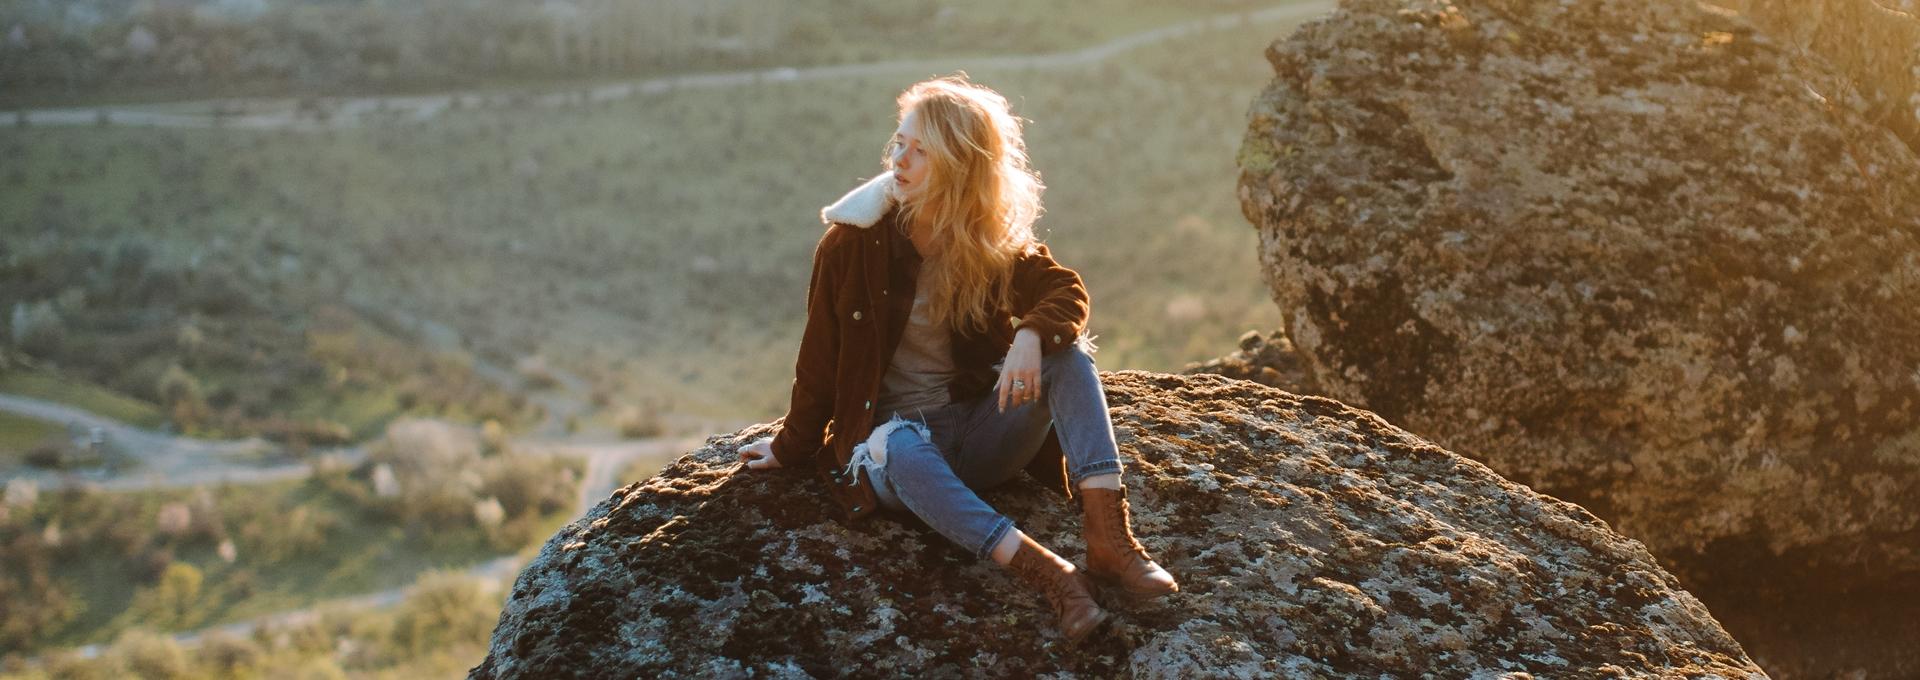 Как стать независимой: разбираемся с правилами жизни современной женщины